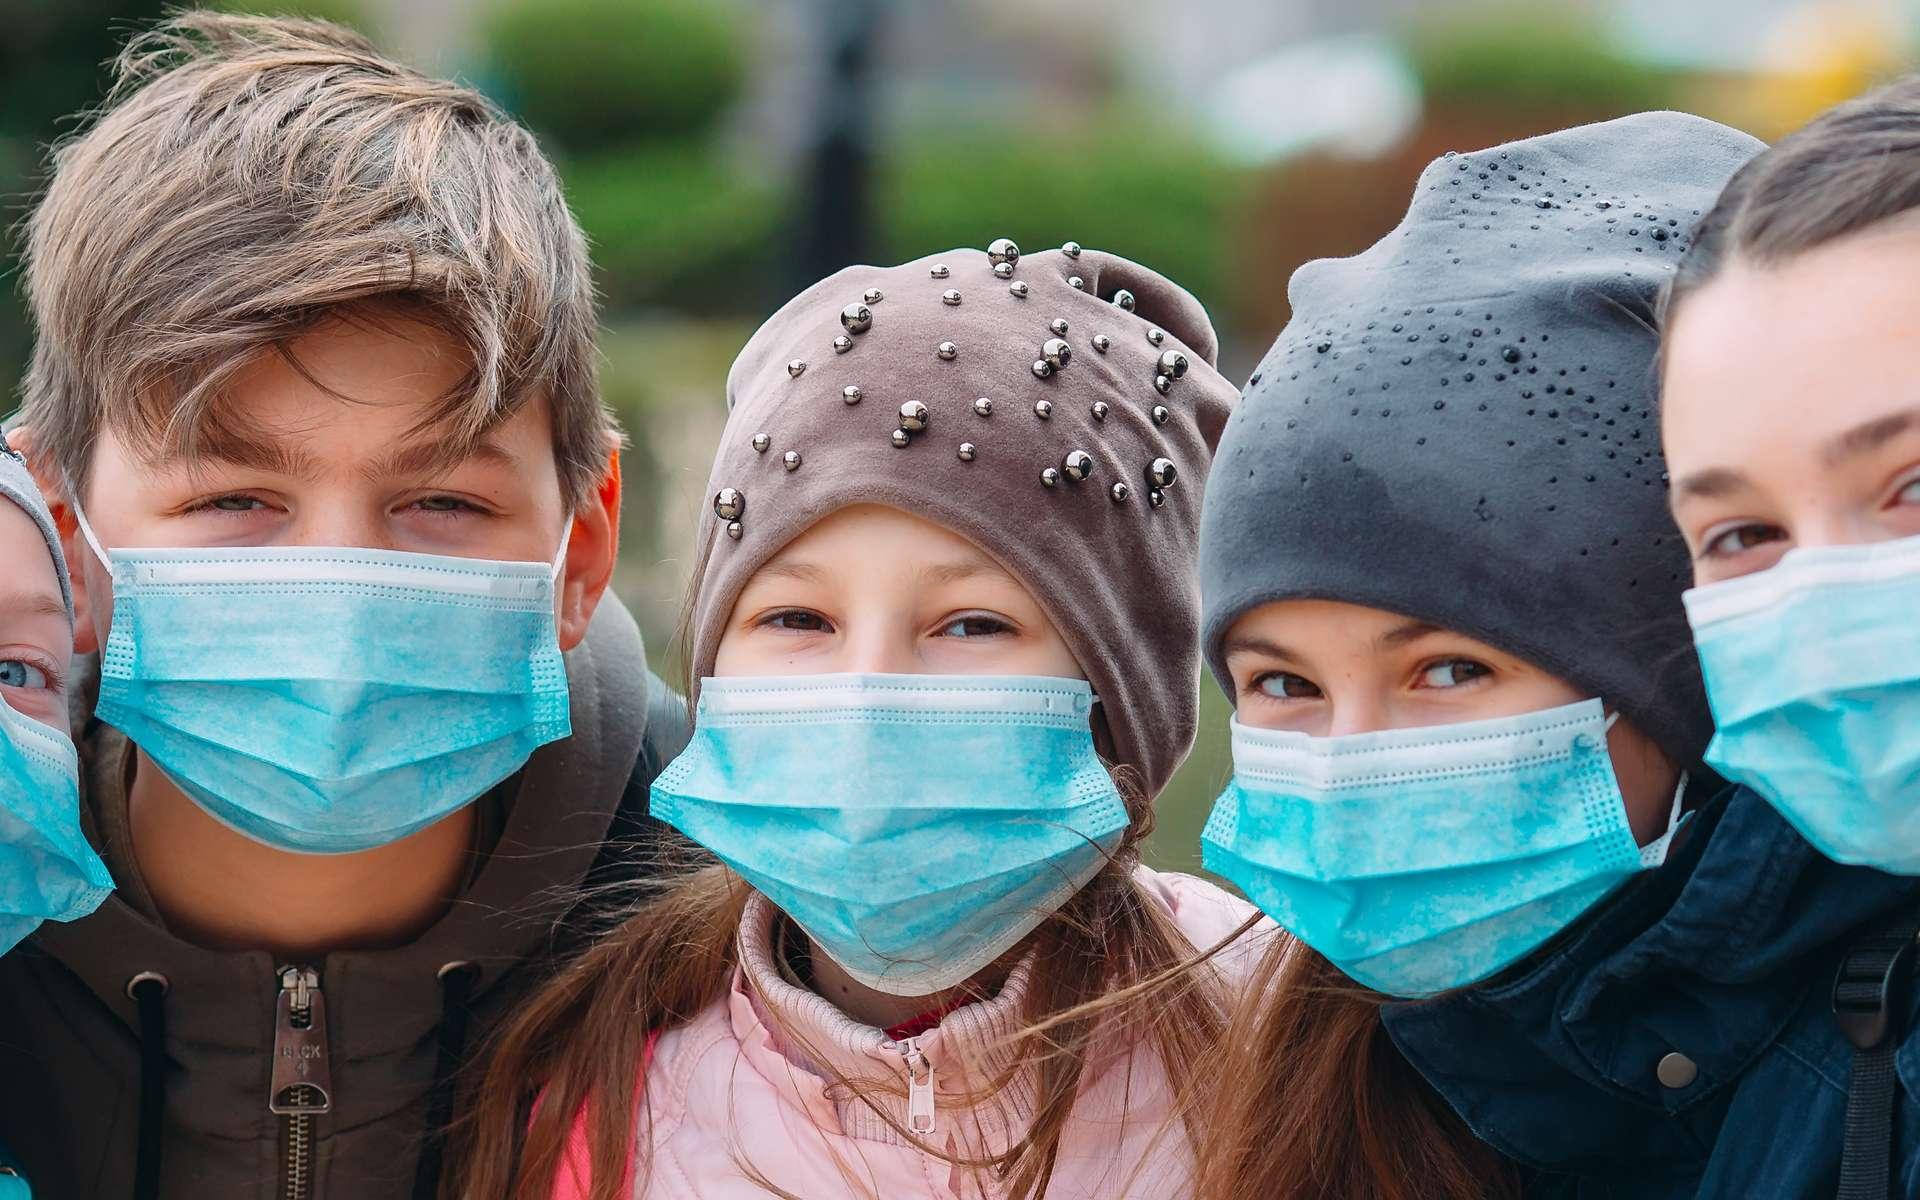 Les jeunes de moins de 21 ans déclarent une forme différente de Covid-19 où les détresses respiratoires sont rares. © davit85, Adobe Stock